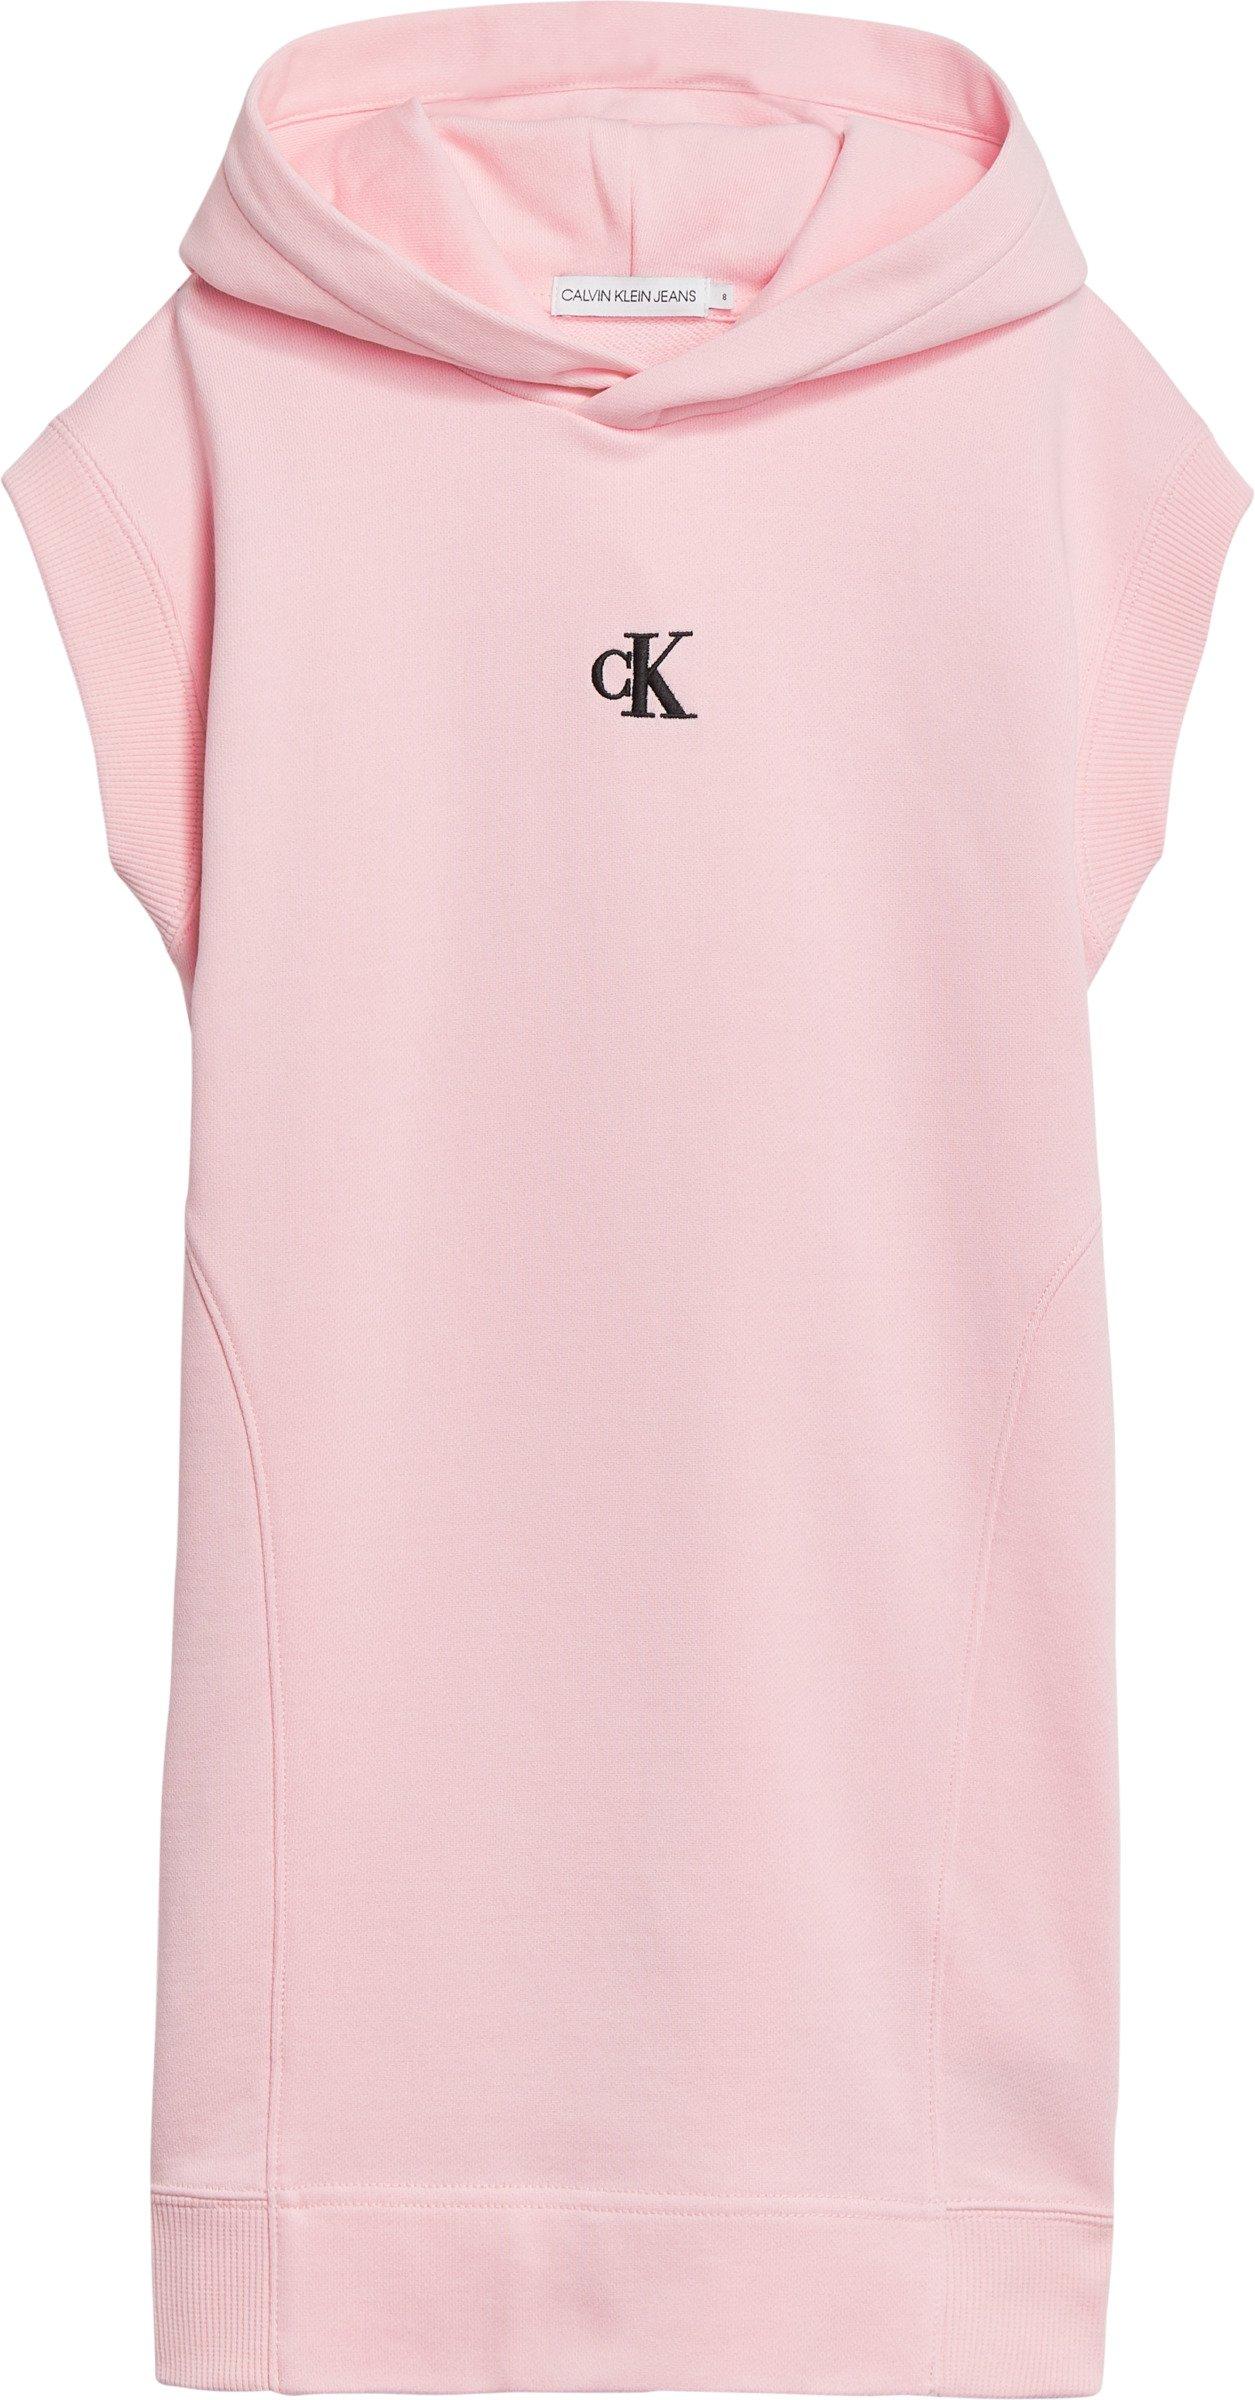 Calvin Klein, micro logo hupparimekko